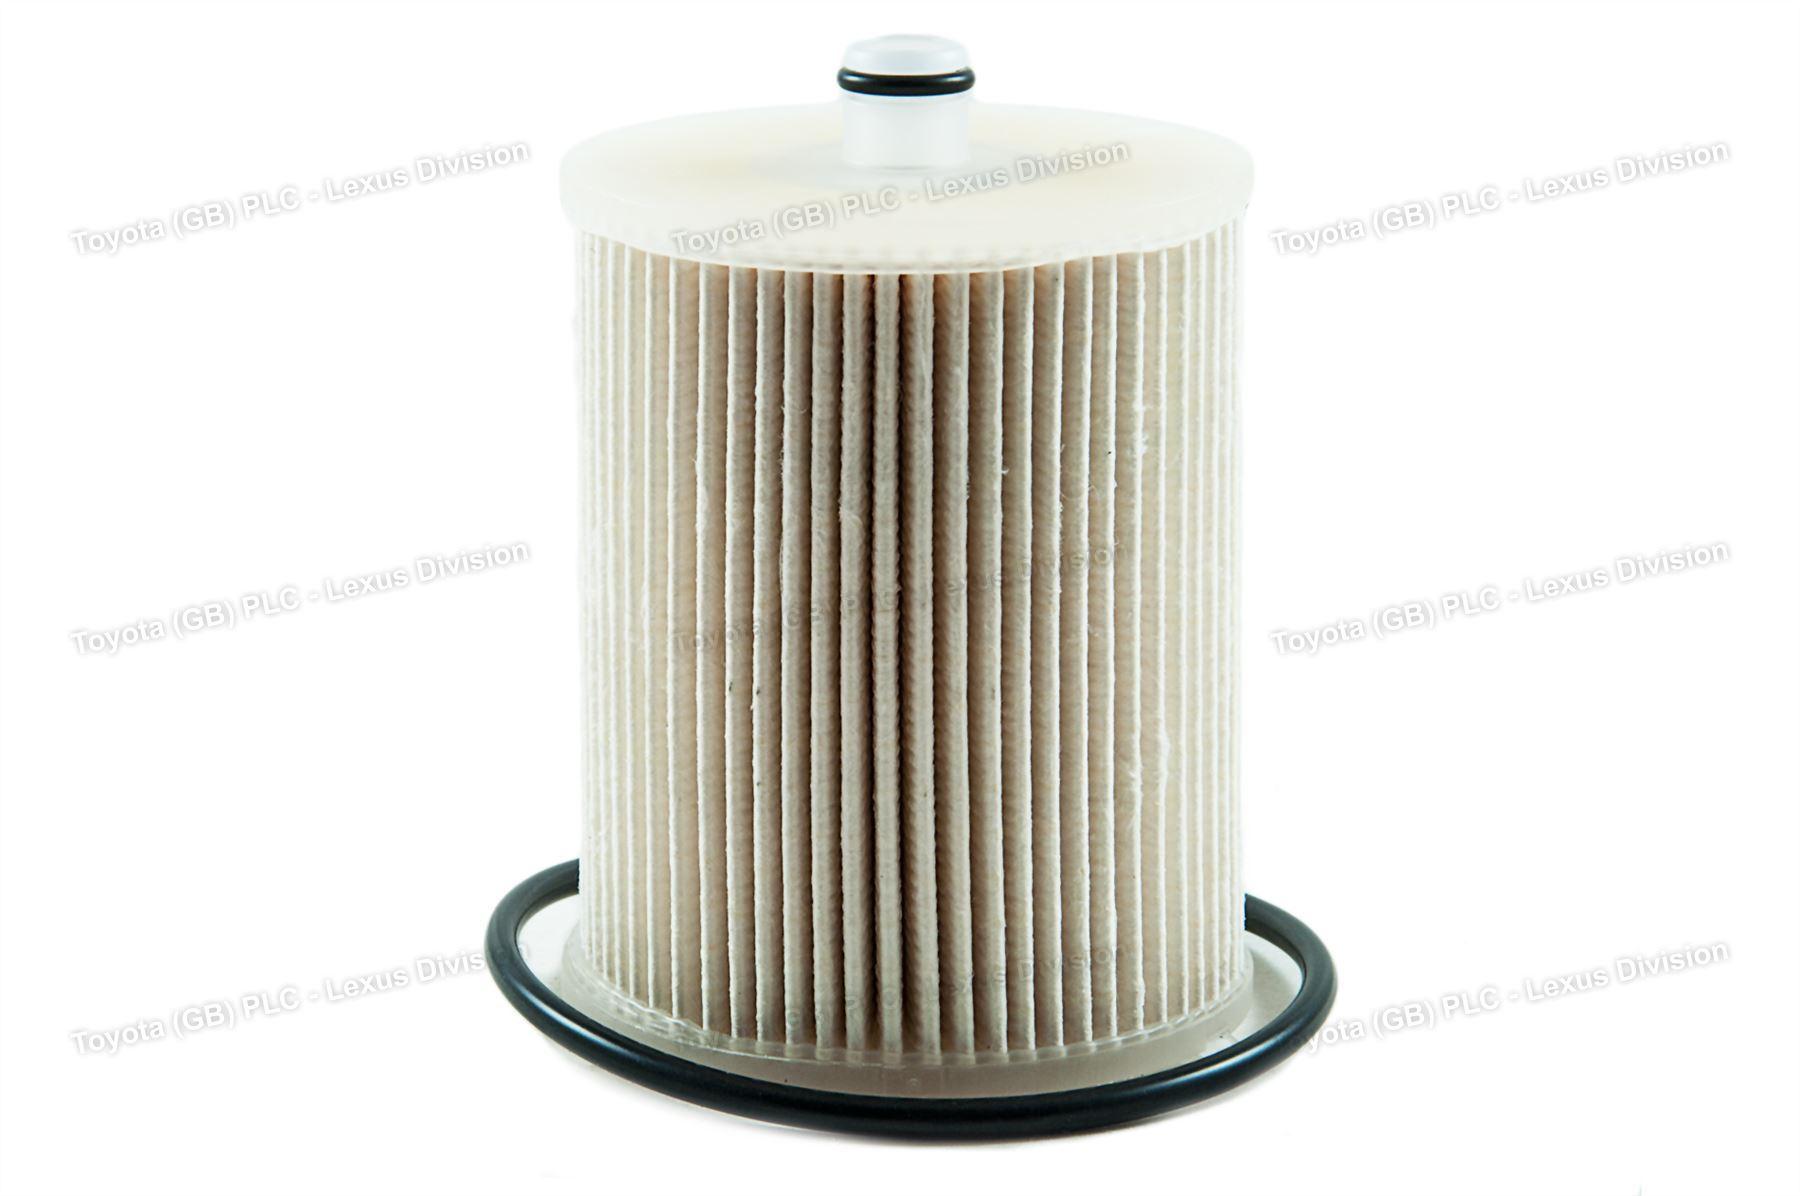 toyota yaris fuel filter. Black Bedroom Furniture Sets. Home Design Ideas